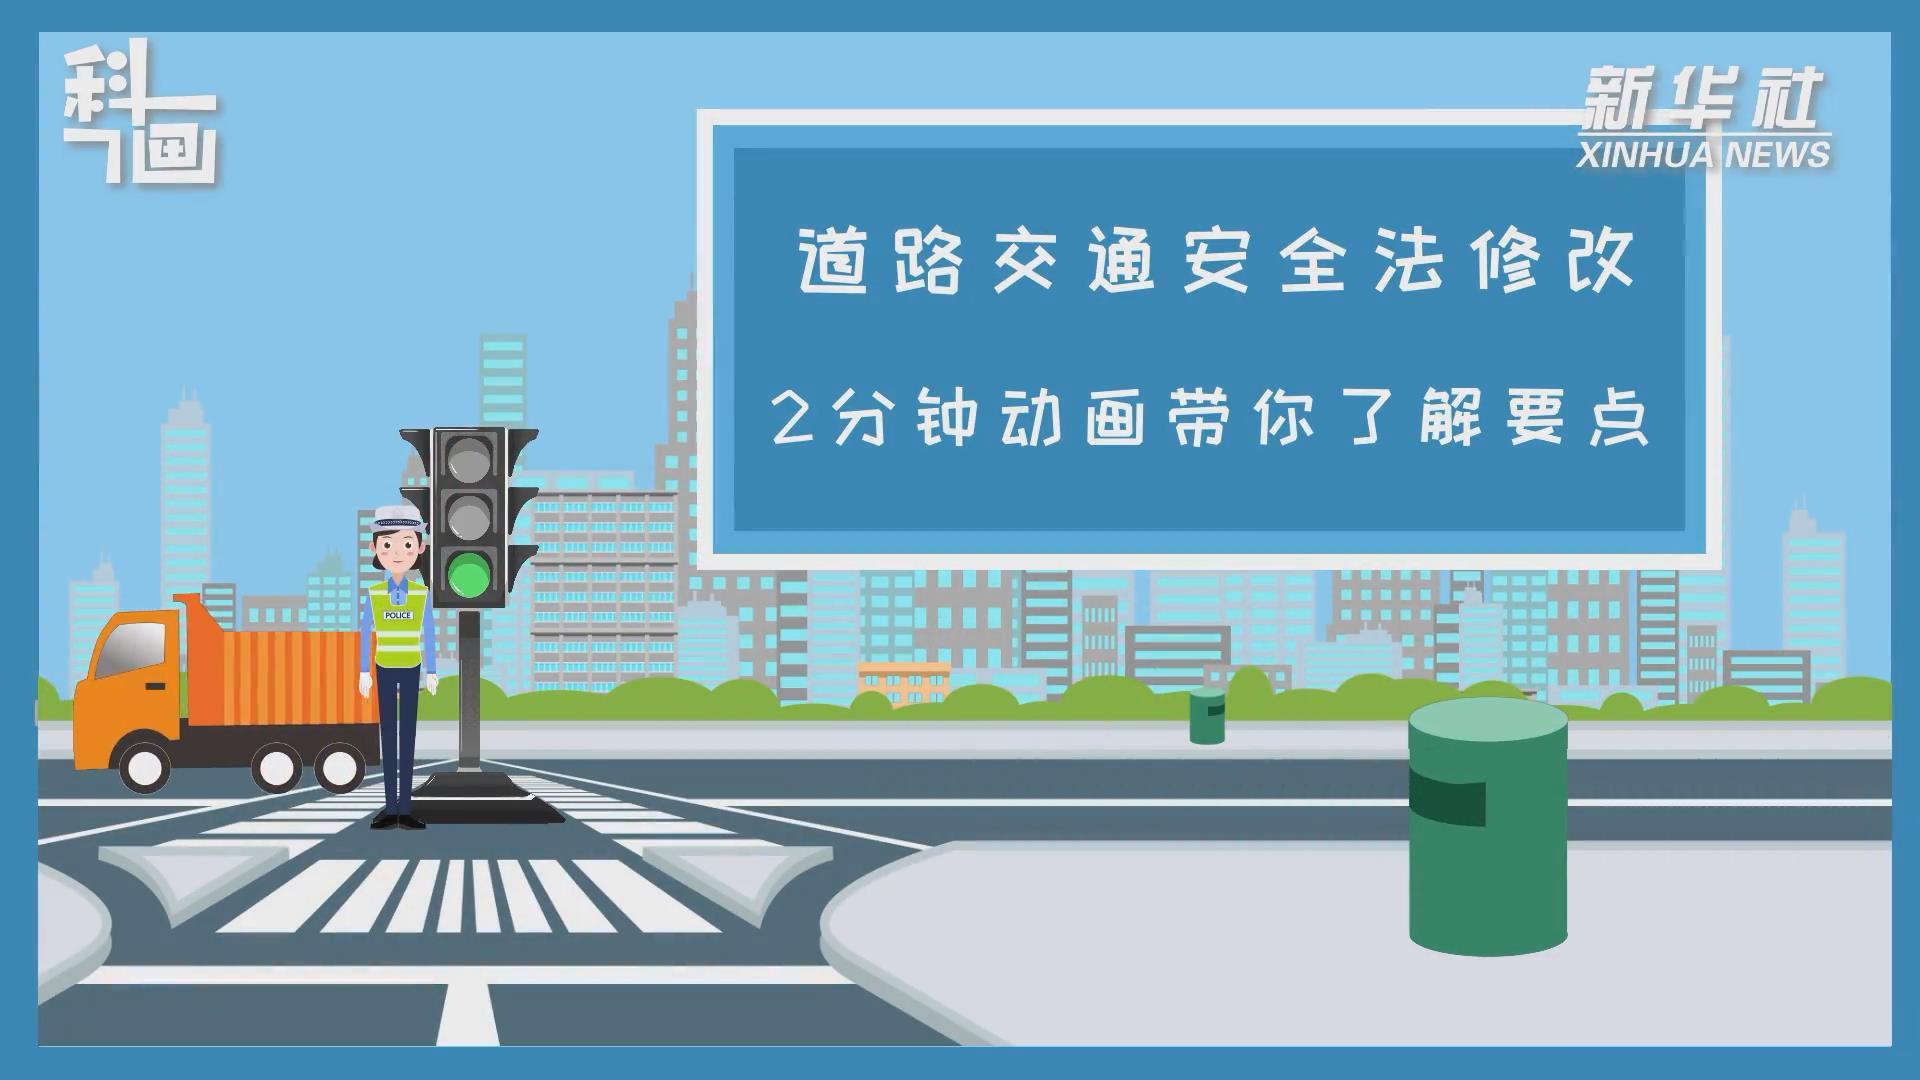 道路交通安全法修改 2分钟动画带你了解要点